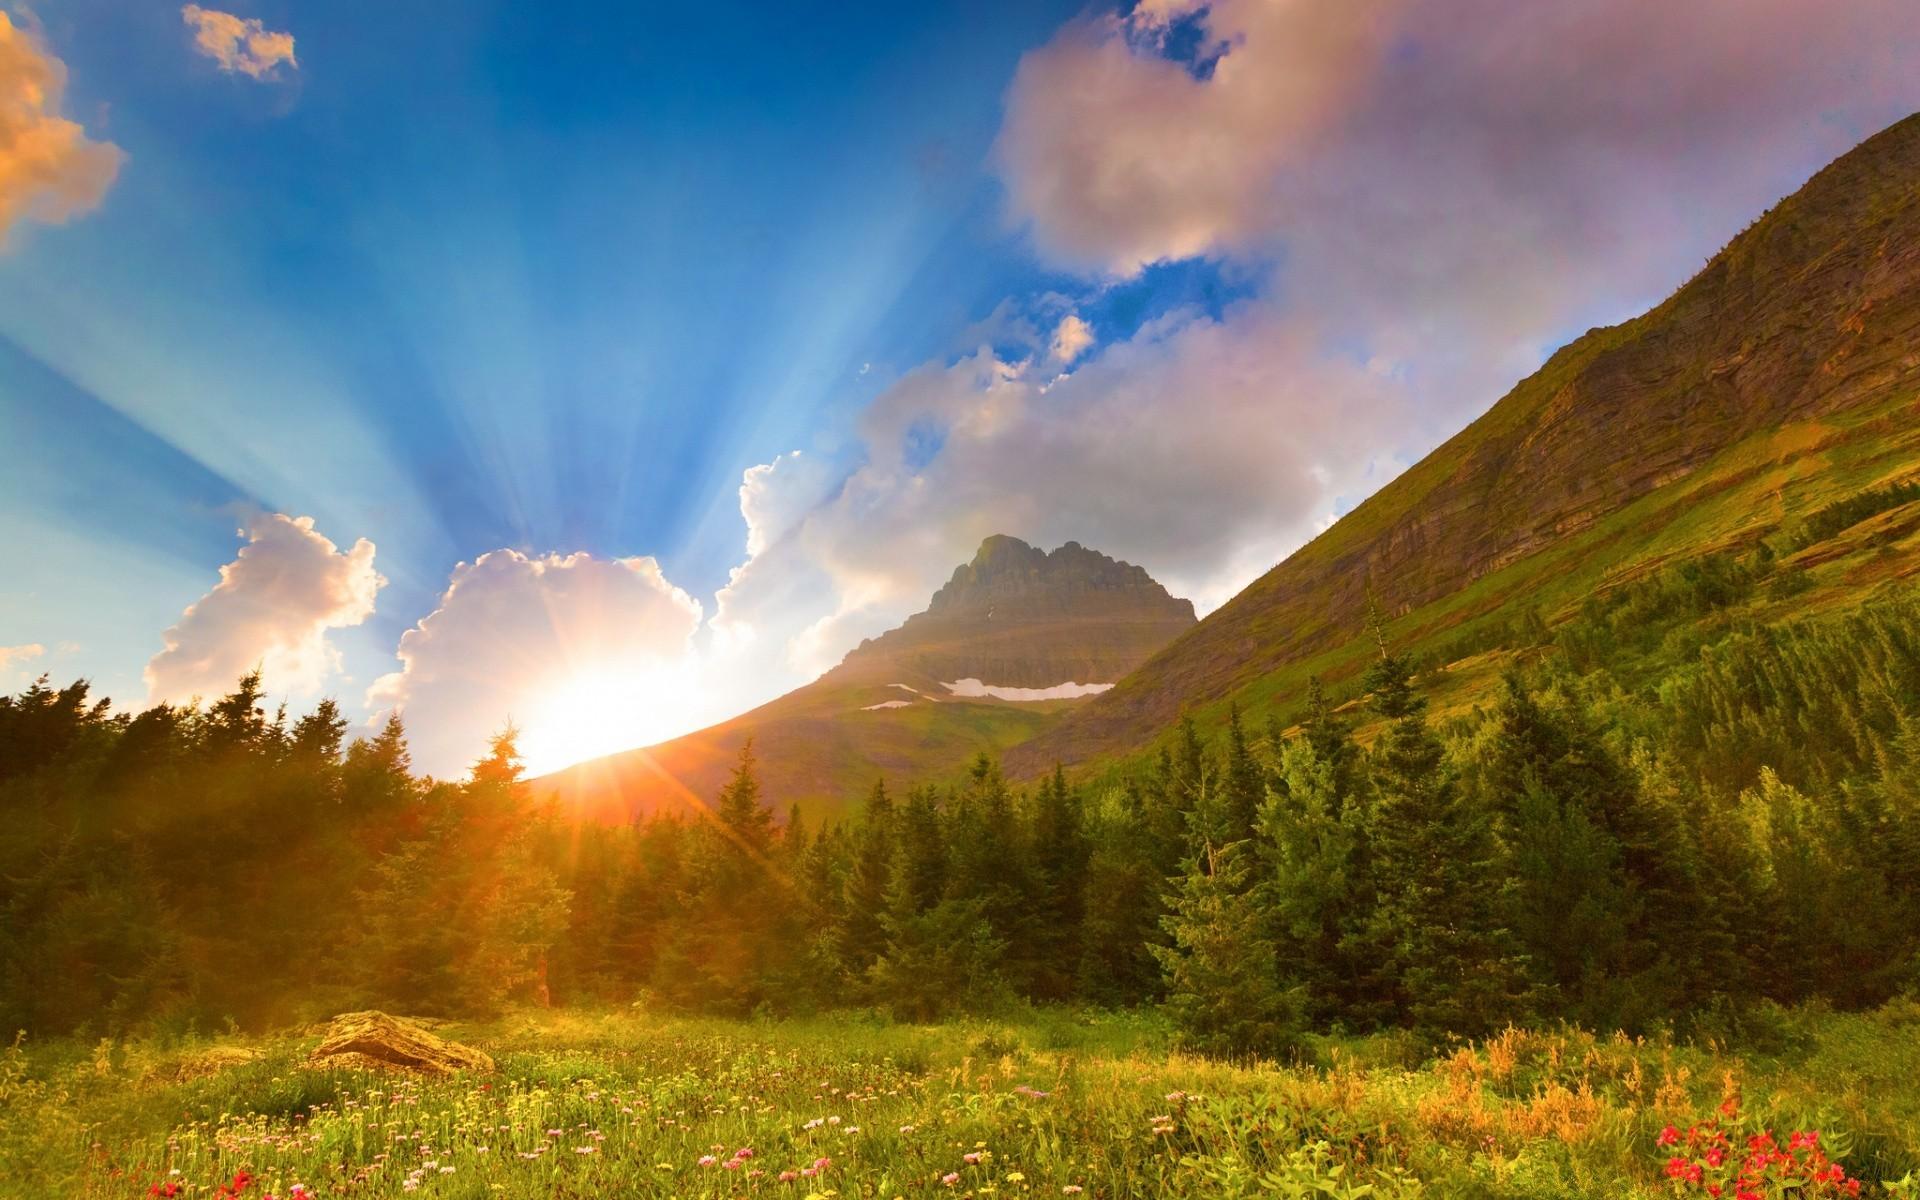 Картинки о природе с добрым утром, здоров